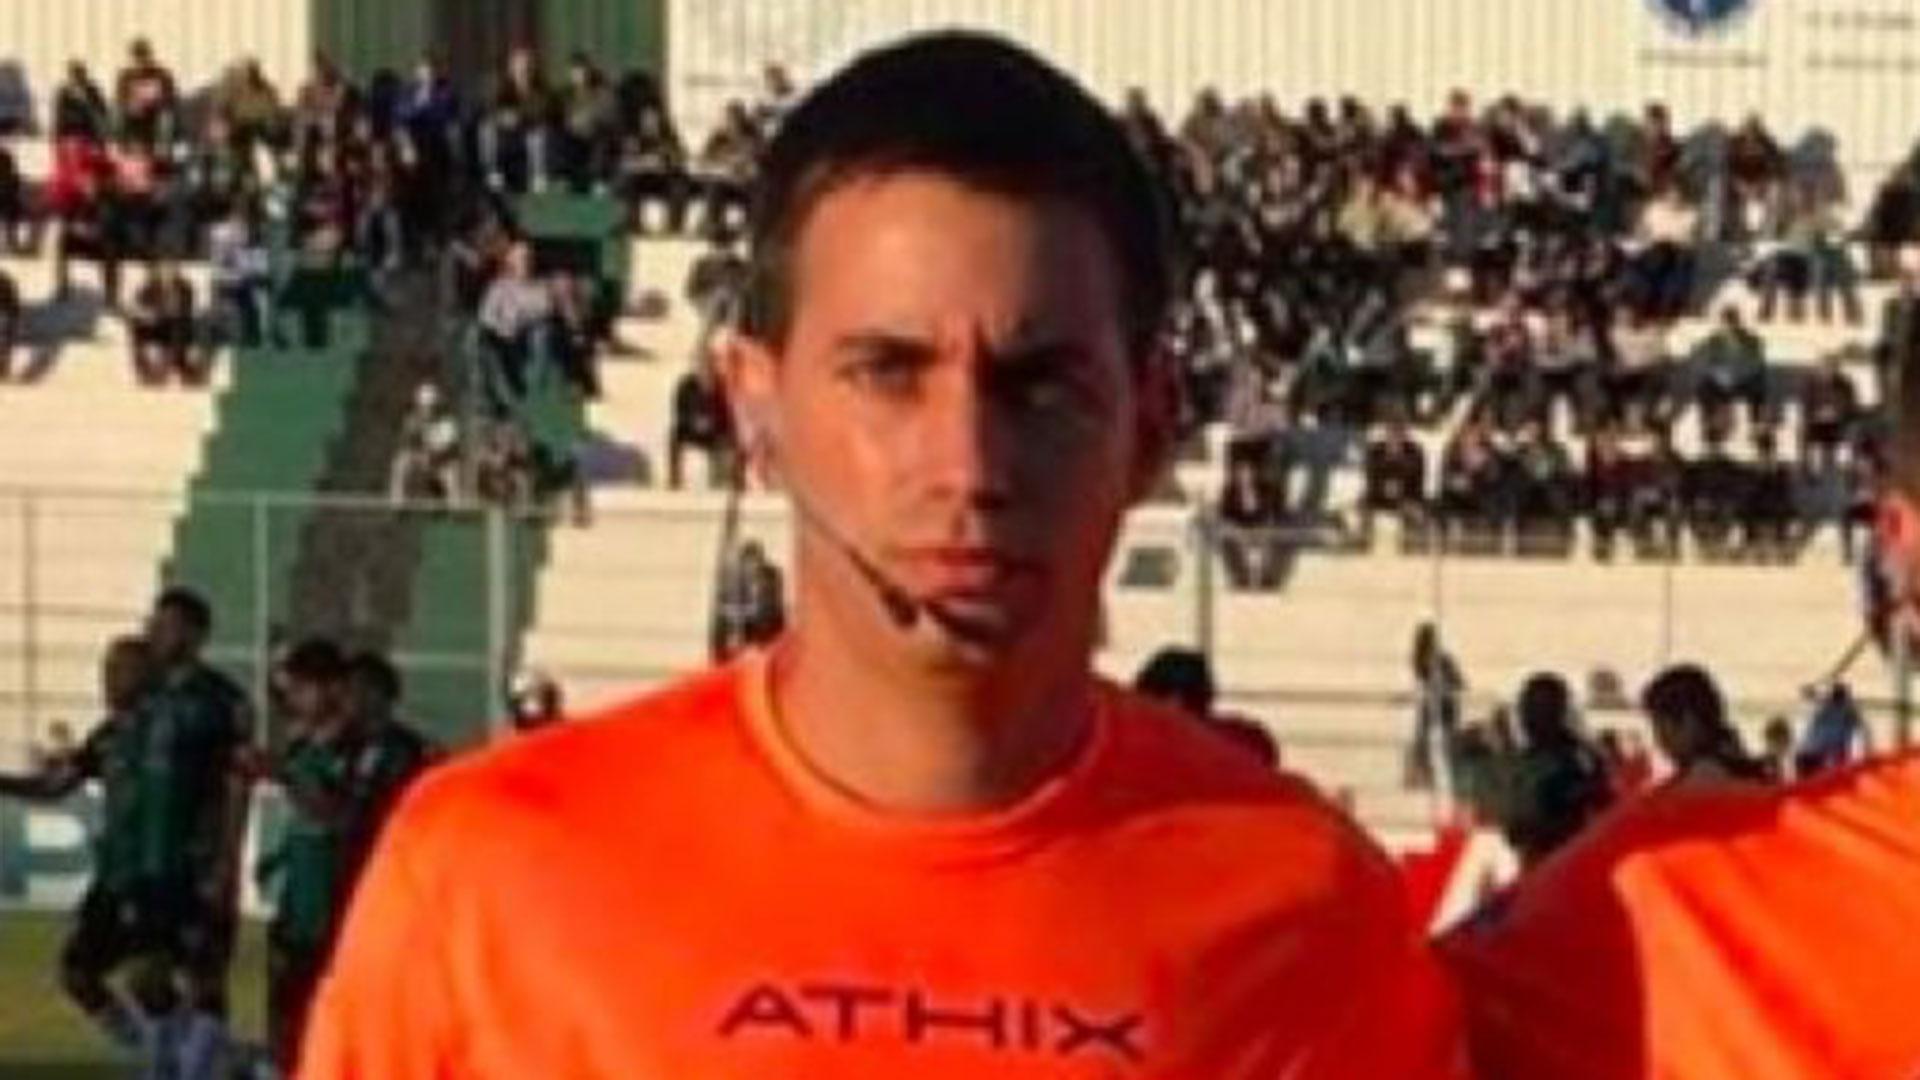 Martín Bustos, el árbitro acusado e imputado por abuso sexual y promoción de la prostitución de menores de edad